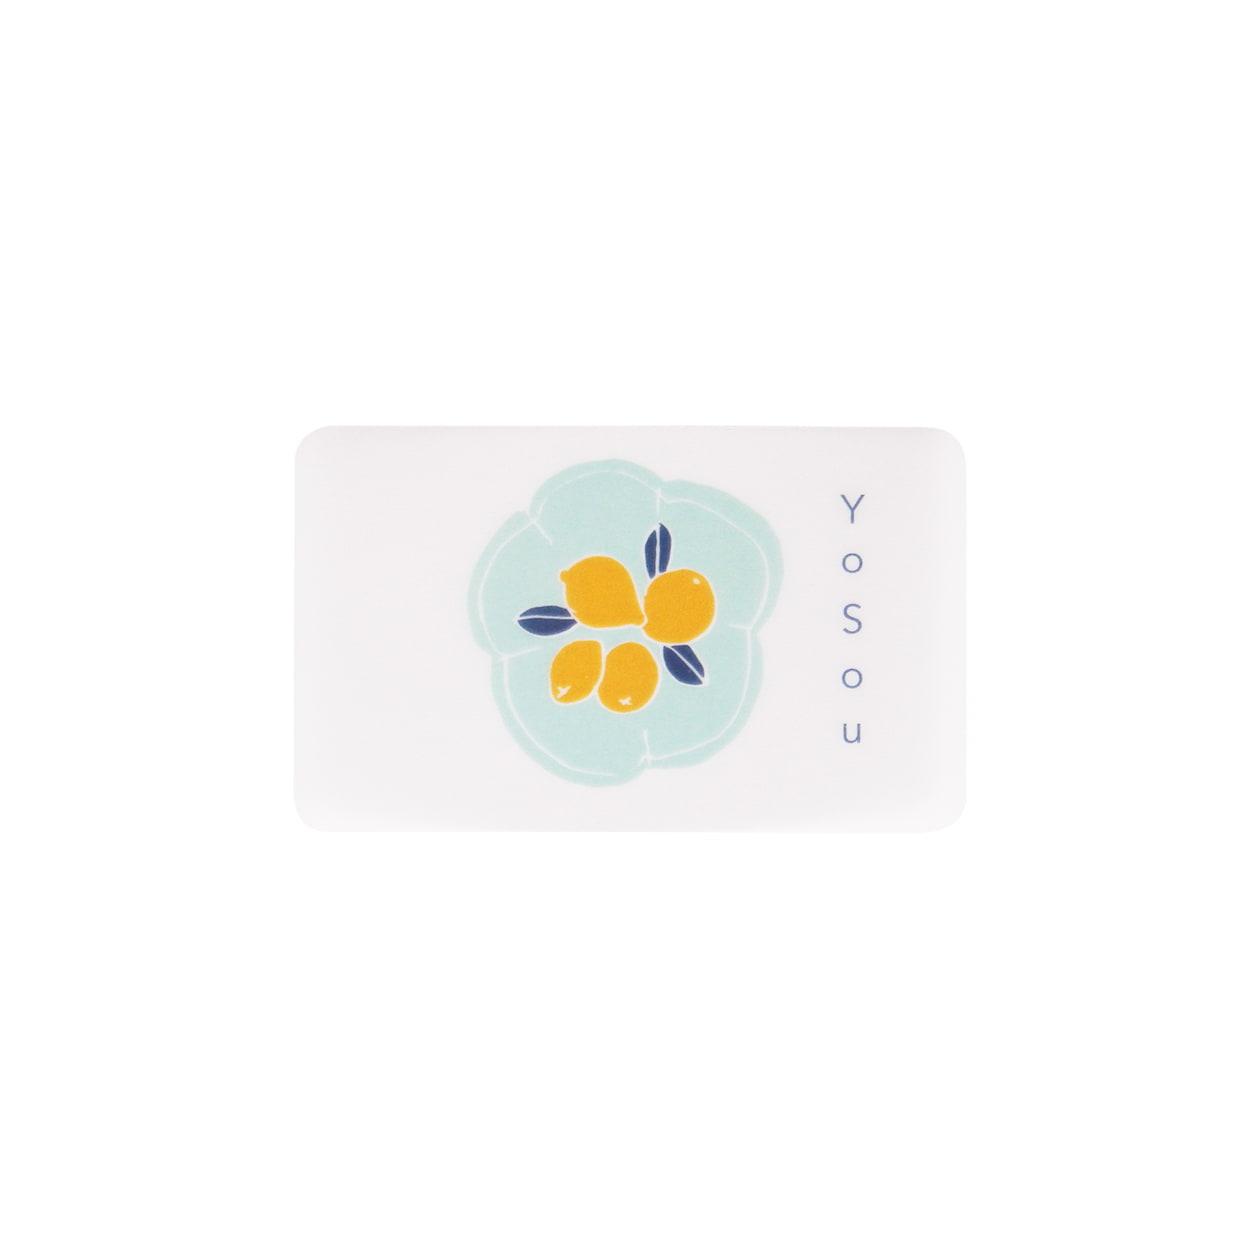 サンプル カード・シート 00324